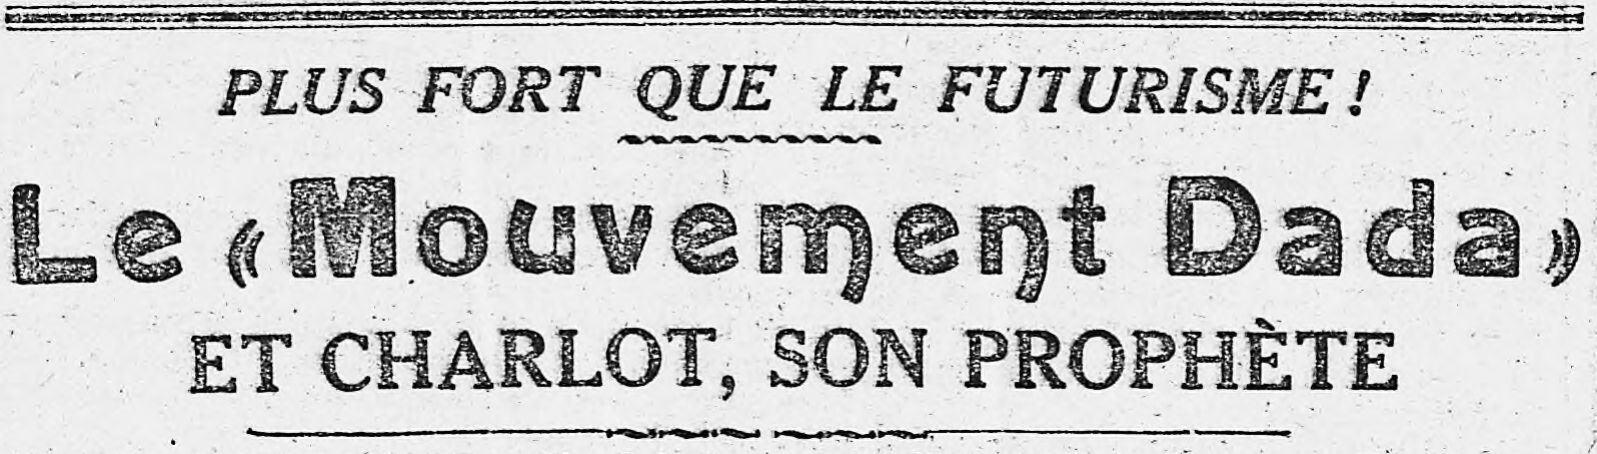 texte_4_plus_fort_que_le_futurisme_0.jpg